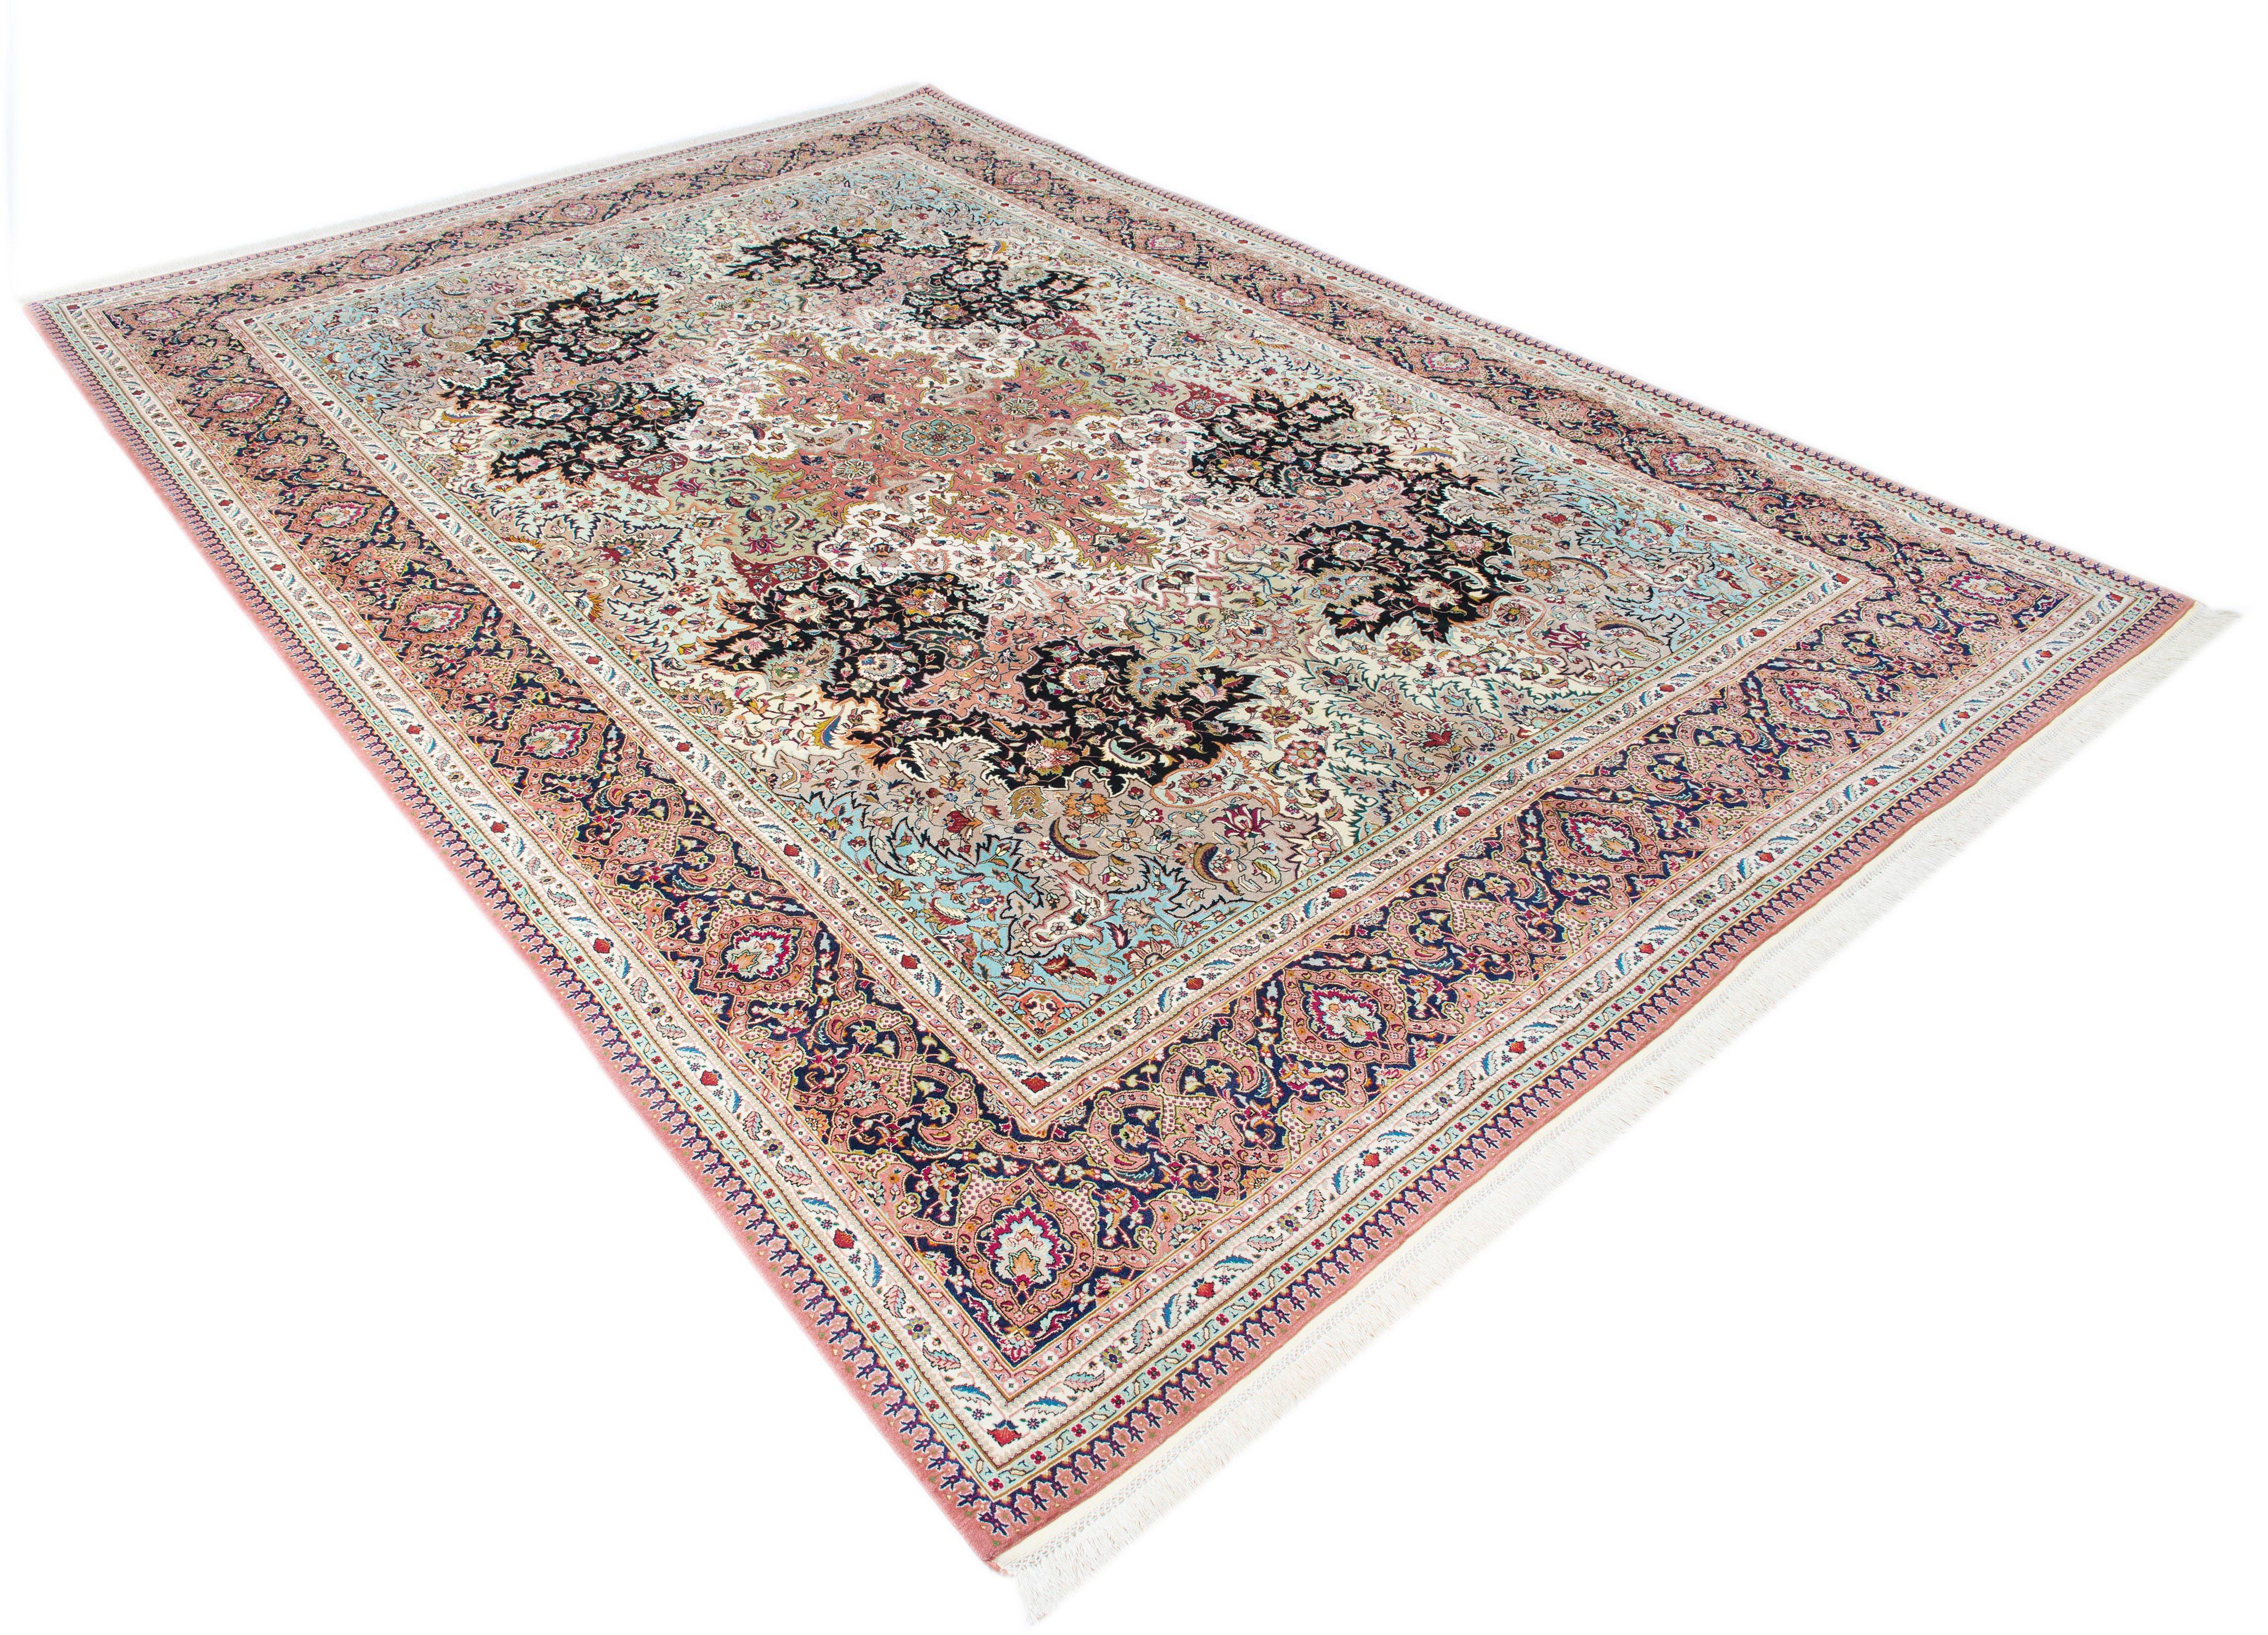 Orientteppich »Tabris«, Parwis, rechteckig, Höhe 15 mm, 1.000.000 Knoten/m²